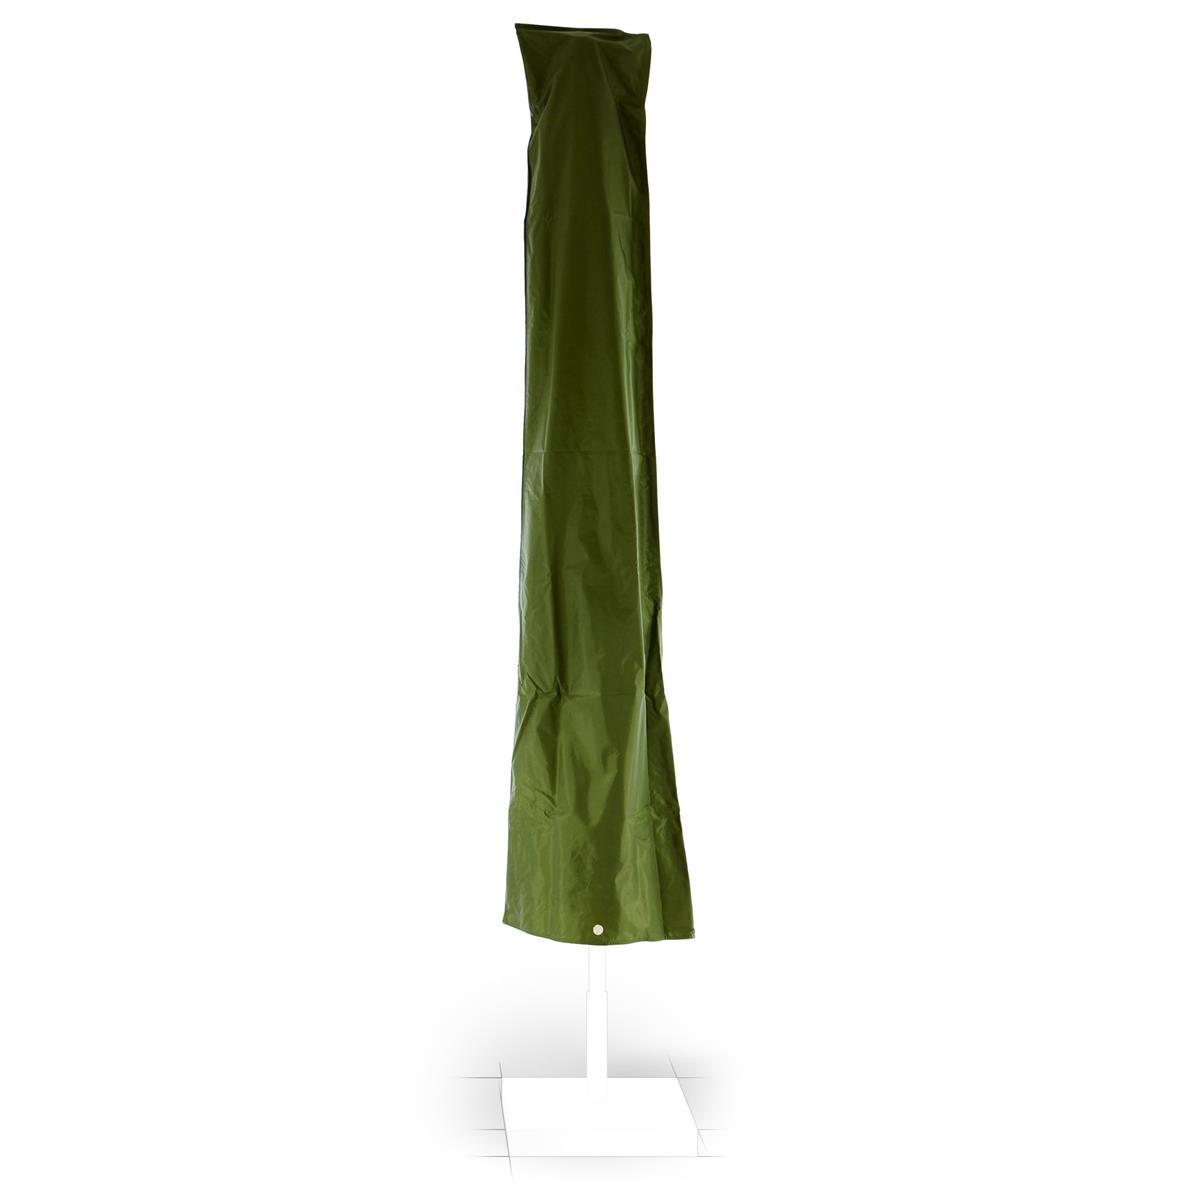 Schutzhülle für Sonnenschirm Ø 3m Grün Wetterschutz Polyester 1,70m